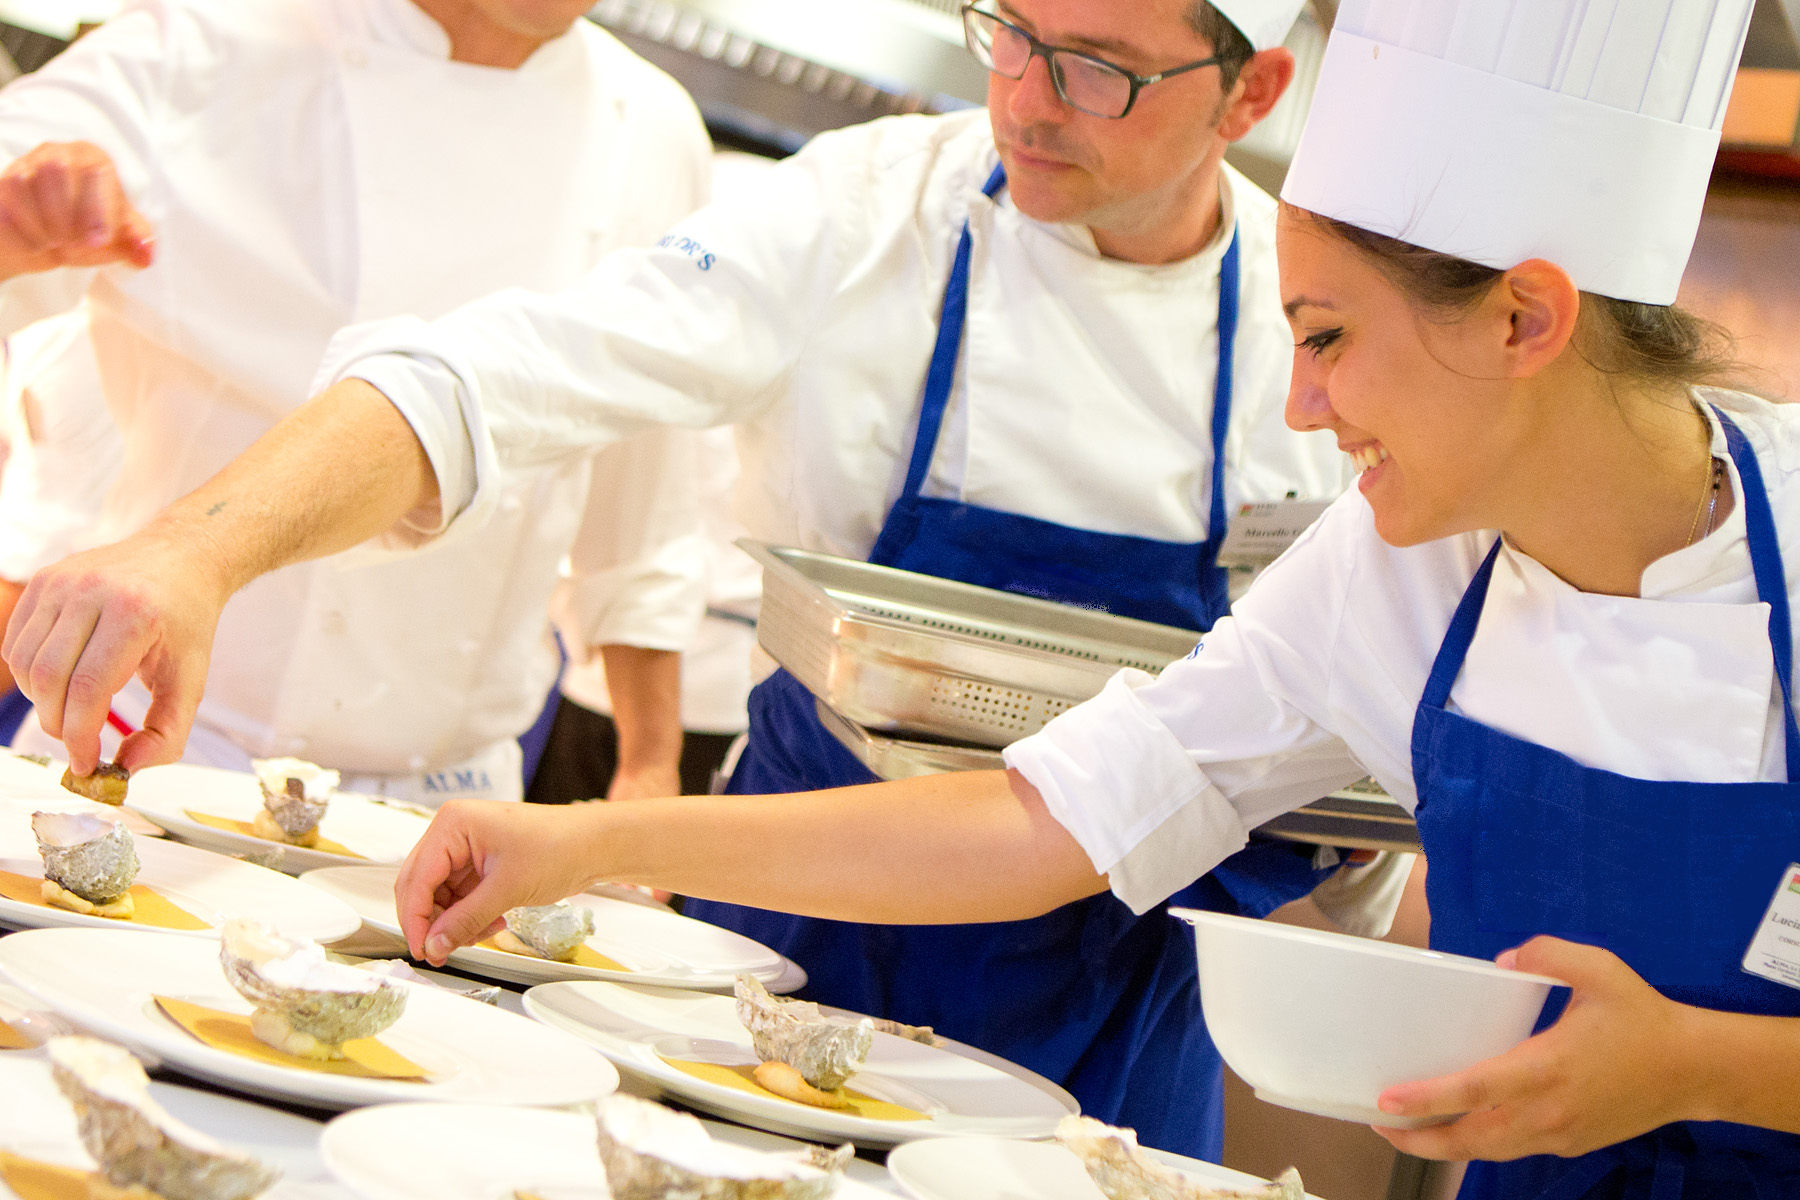 5 professioni per guadagnare senza rinunciare alle tue passioni - Scuola di cucina italiana ...